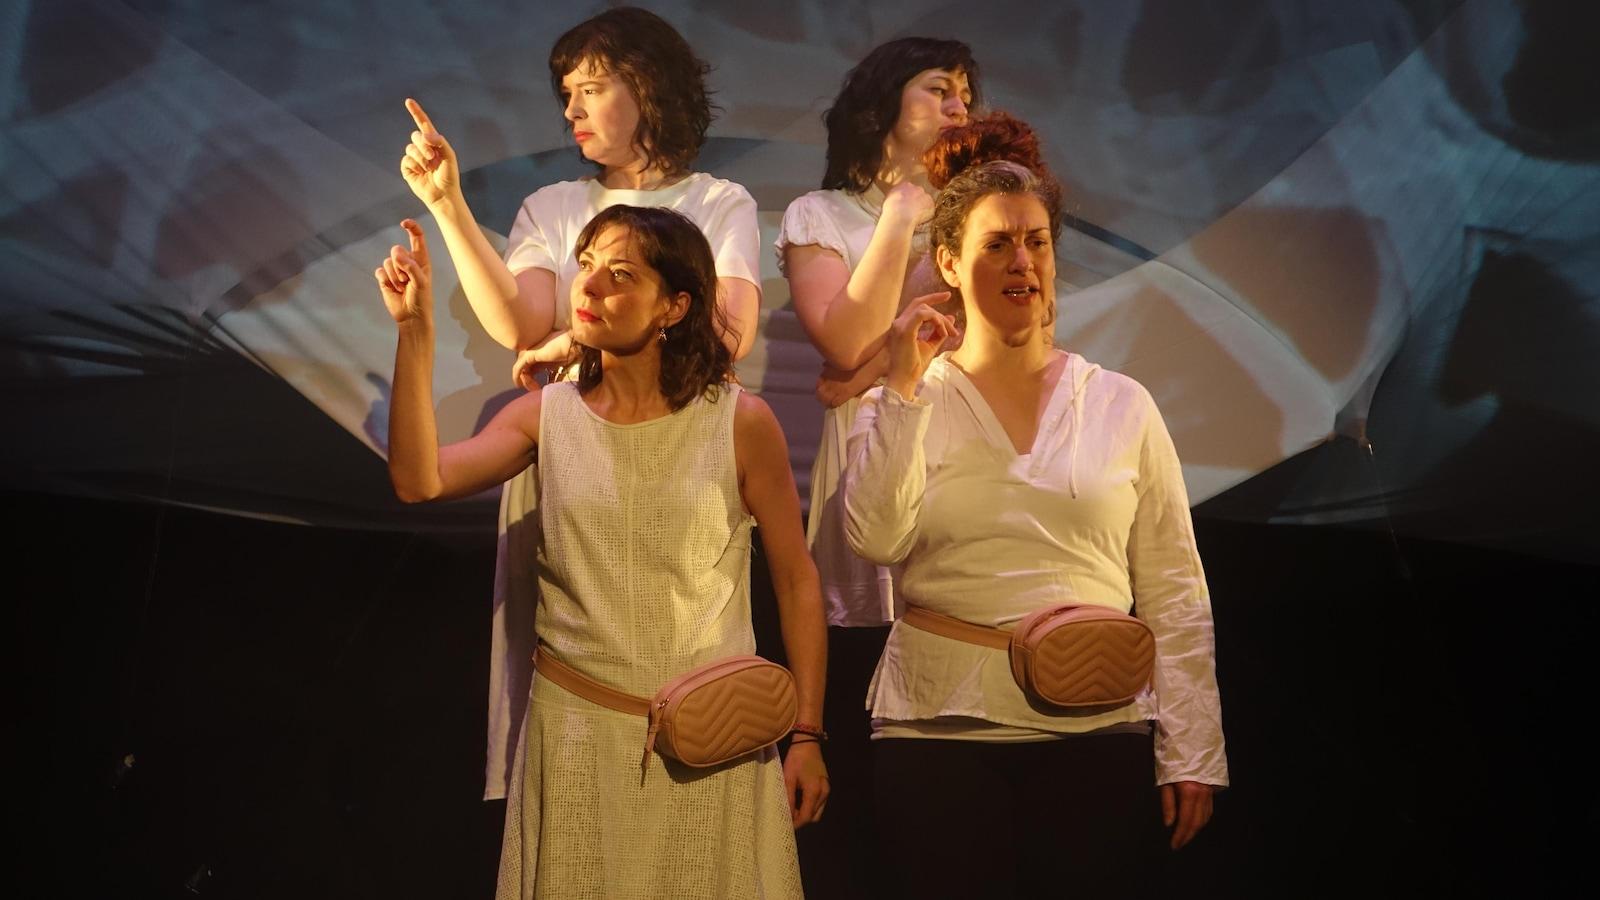 Les quatre comédiennes de la pièce Parmi les éclats lors de son lancement au Théâtre du Nouvel-Ontario, à Sudbury. De haut en bas et de gauche à droite : Manon St-Jules, France Huot, Stéphanie-Kym Tougas et Miriam Cusson, qui est aussi auteure et metteure en scène.